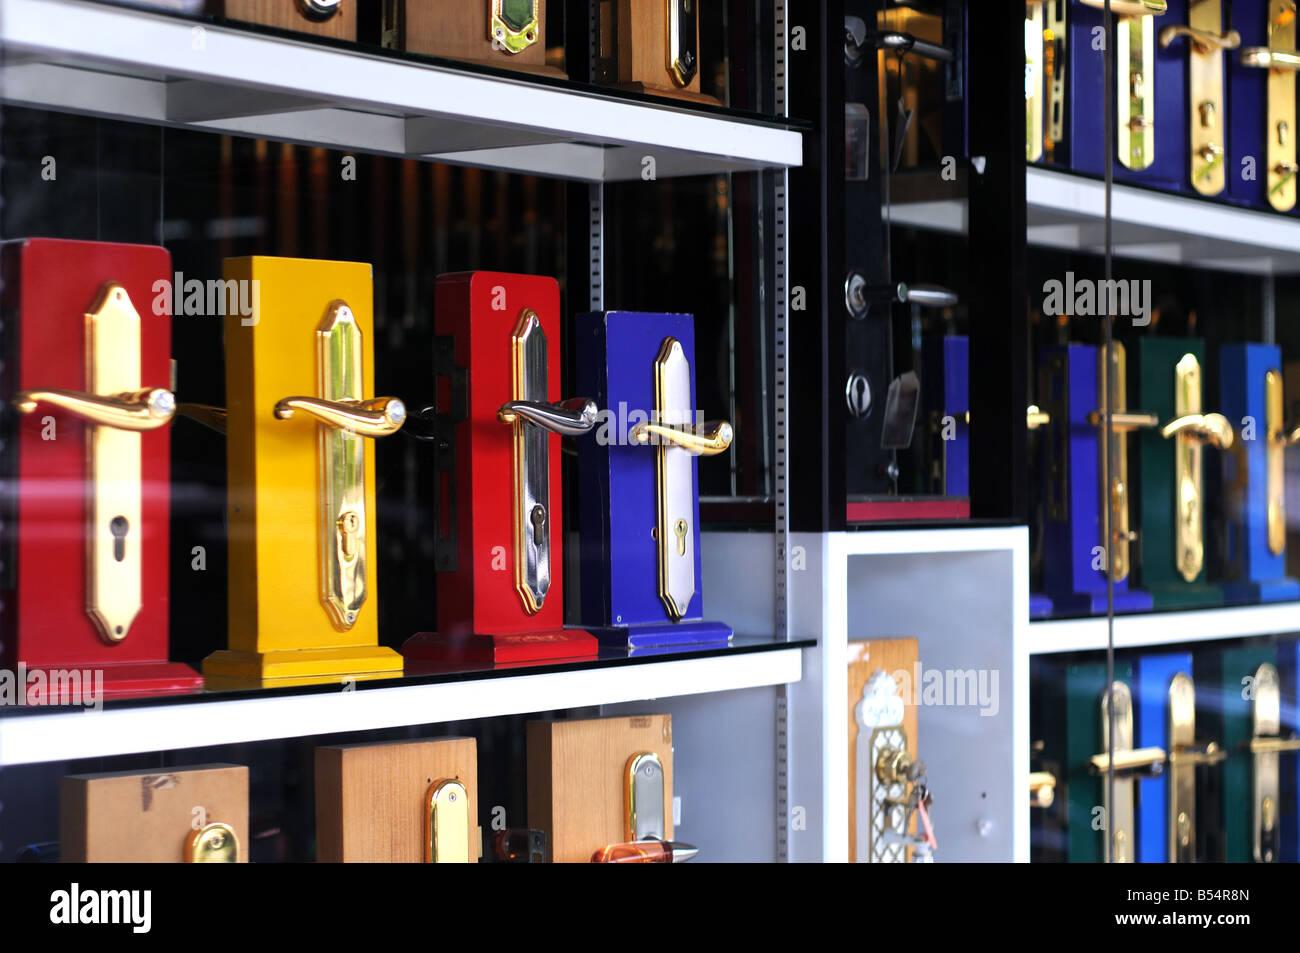 door handle shop nagoya batam riau islands indonesia Stock Photo ...